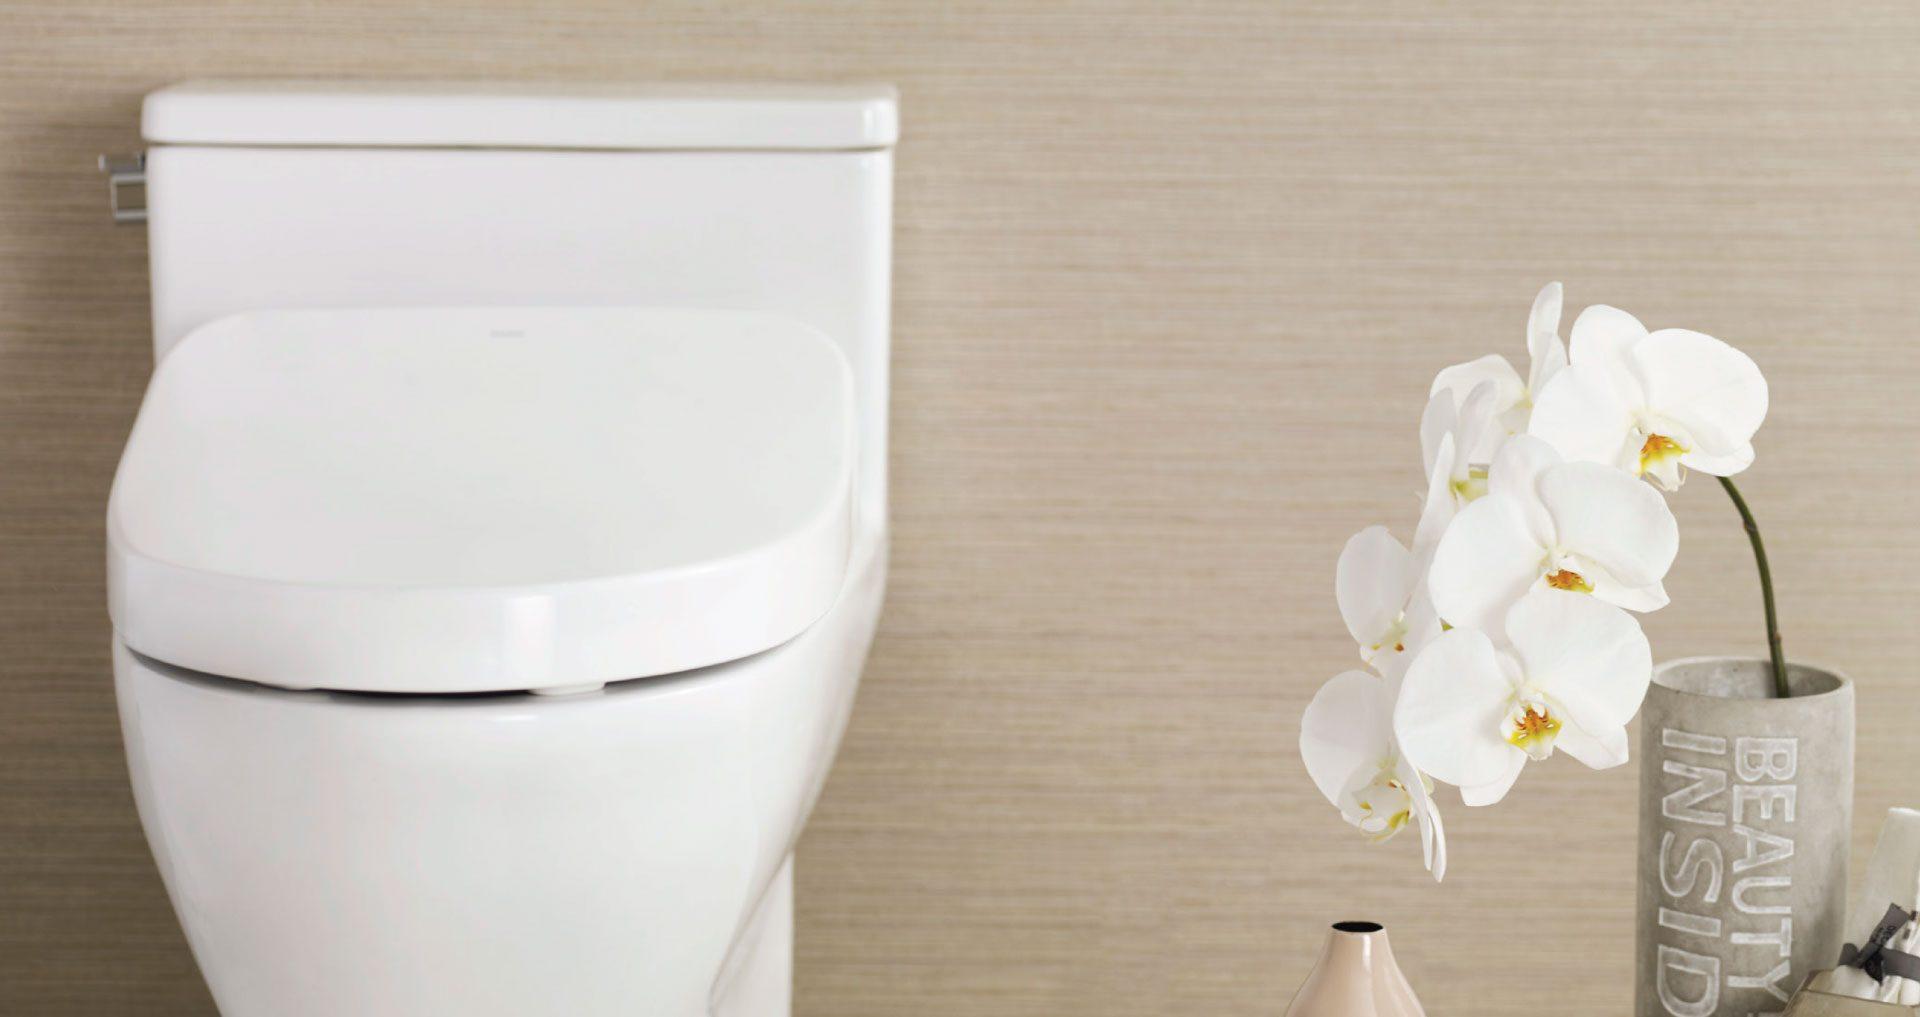 Cảm hứng từ nắp rửa tự động - Washlet - TOTO Vietnam